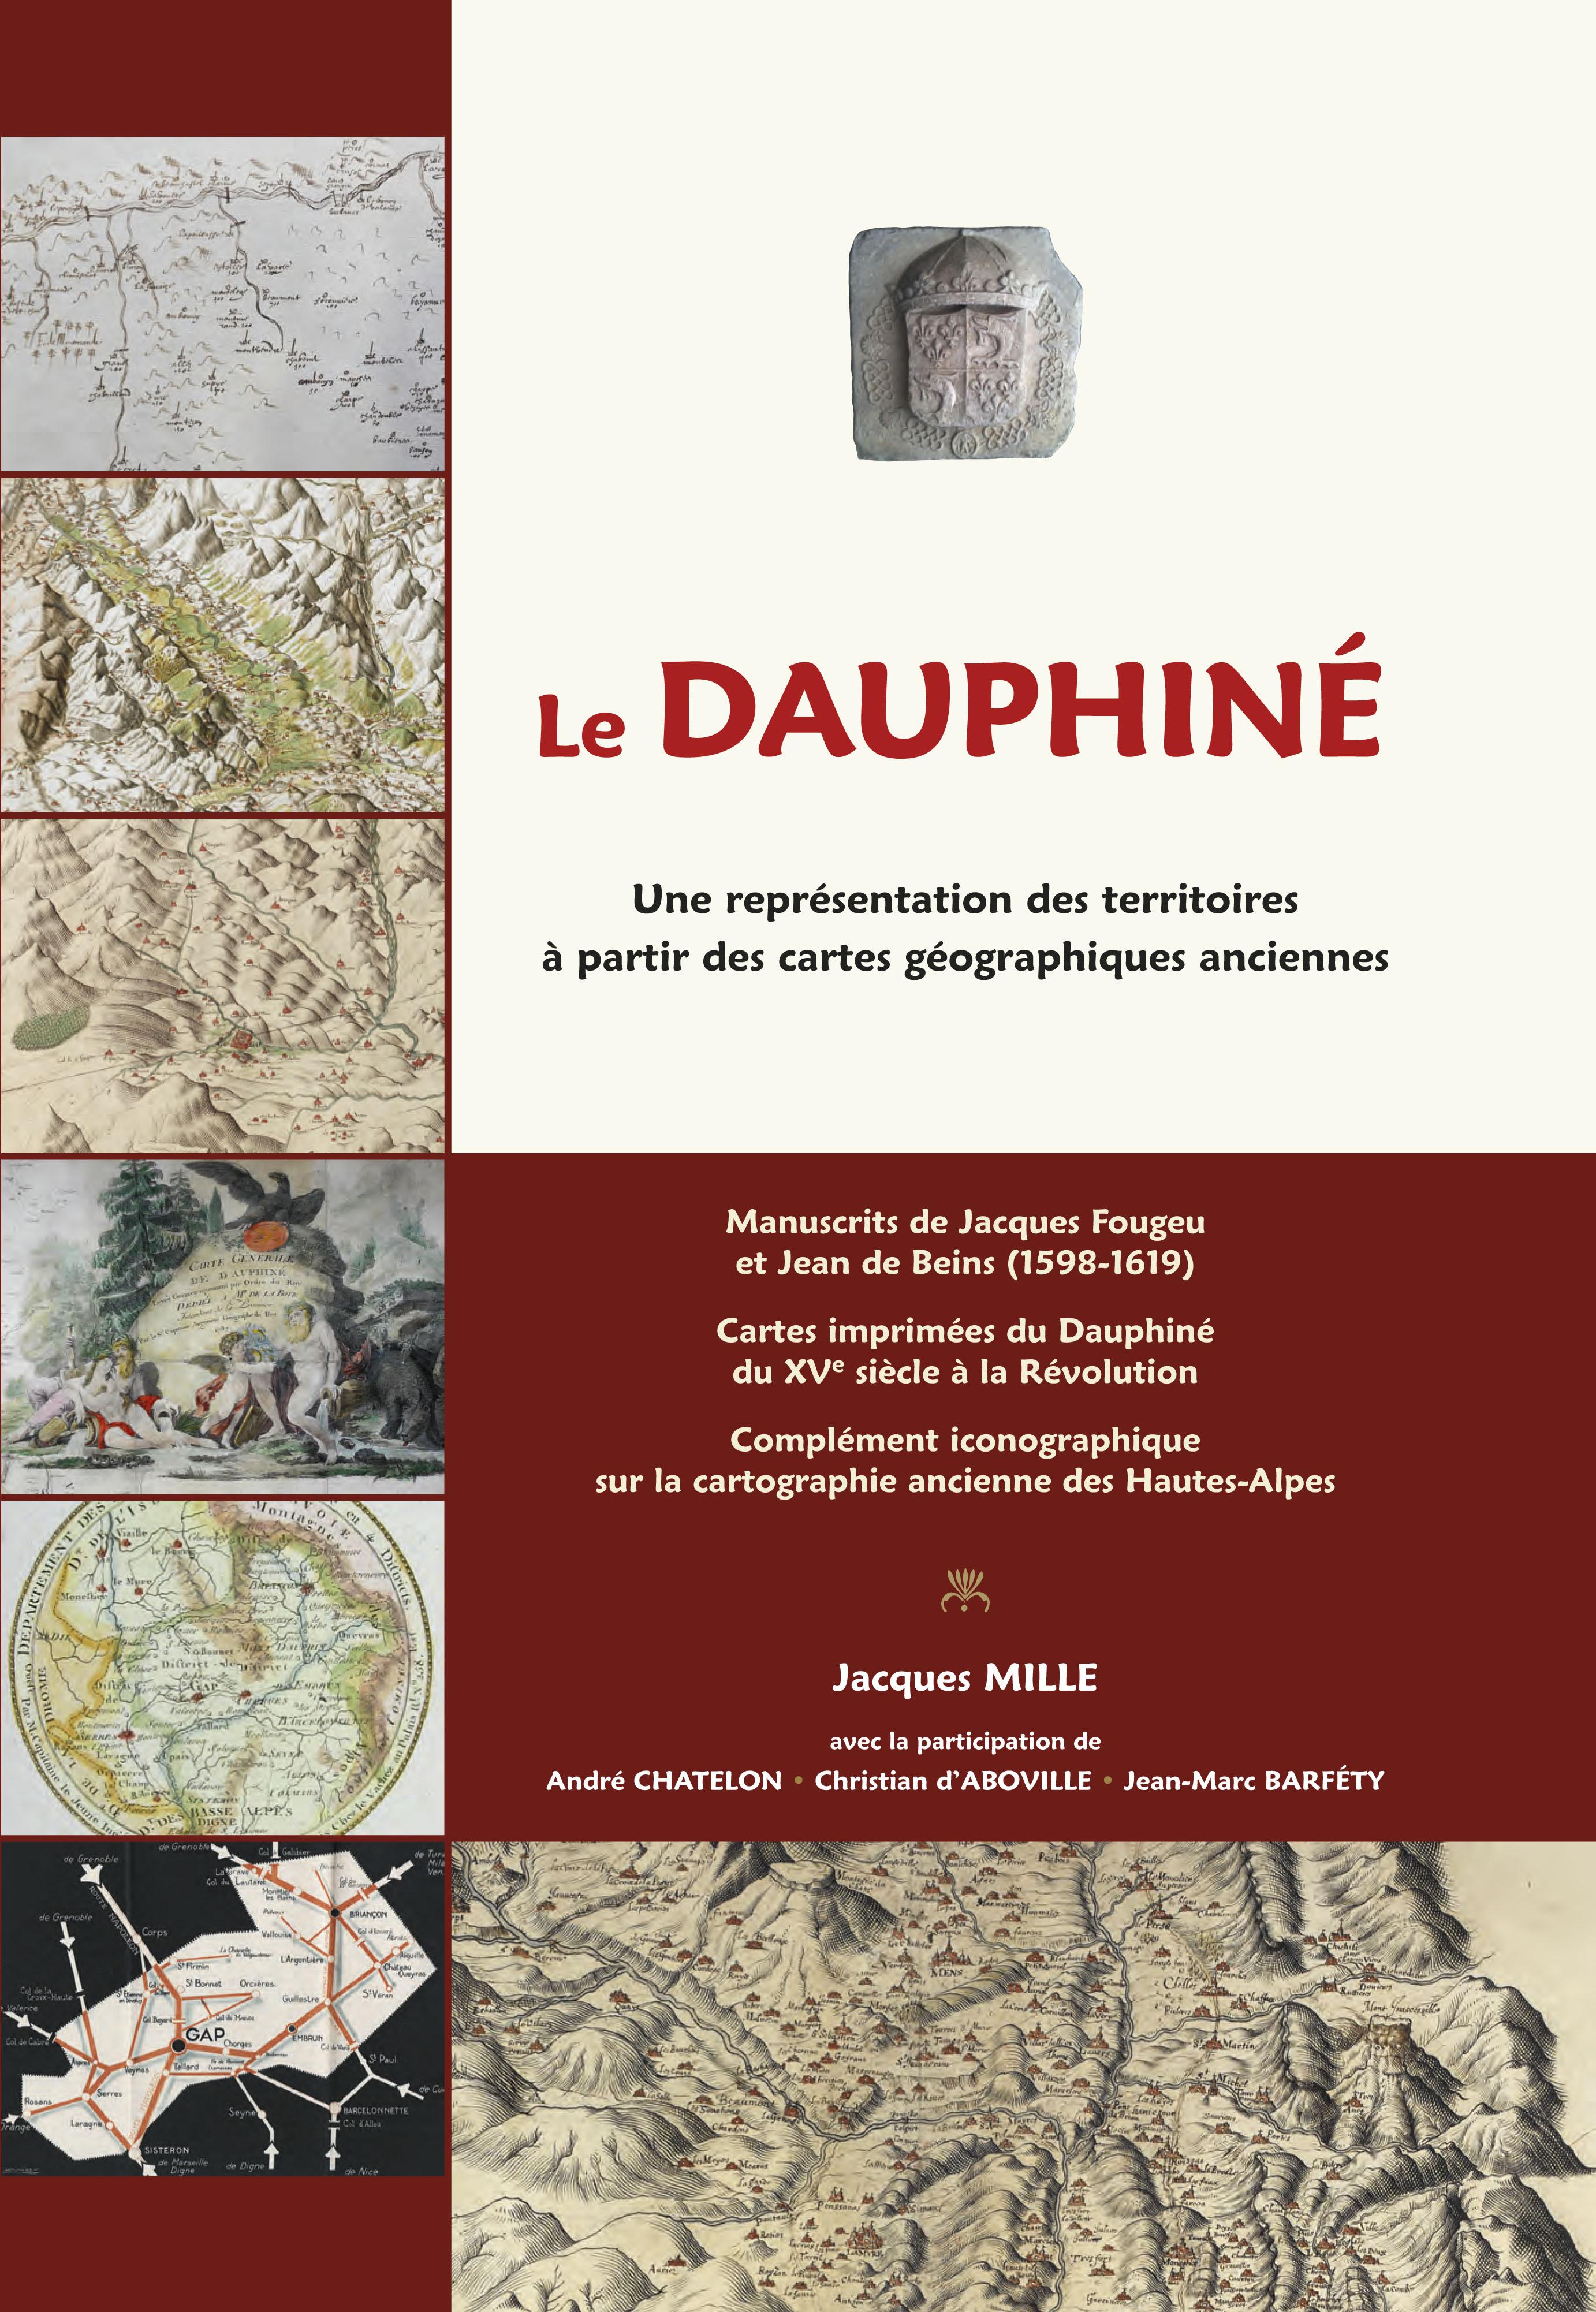 LE DAUPHINE. UNE REPRESENTATION DES TERRITOIRES A PARTIR DES CARTES GEOGRAPHIQUES ANCIENNES